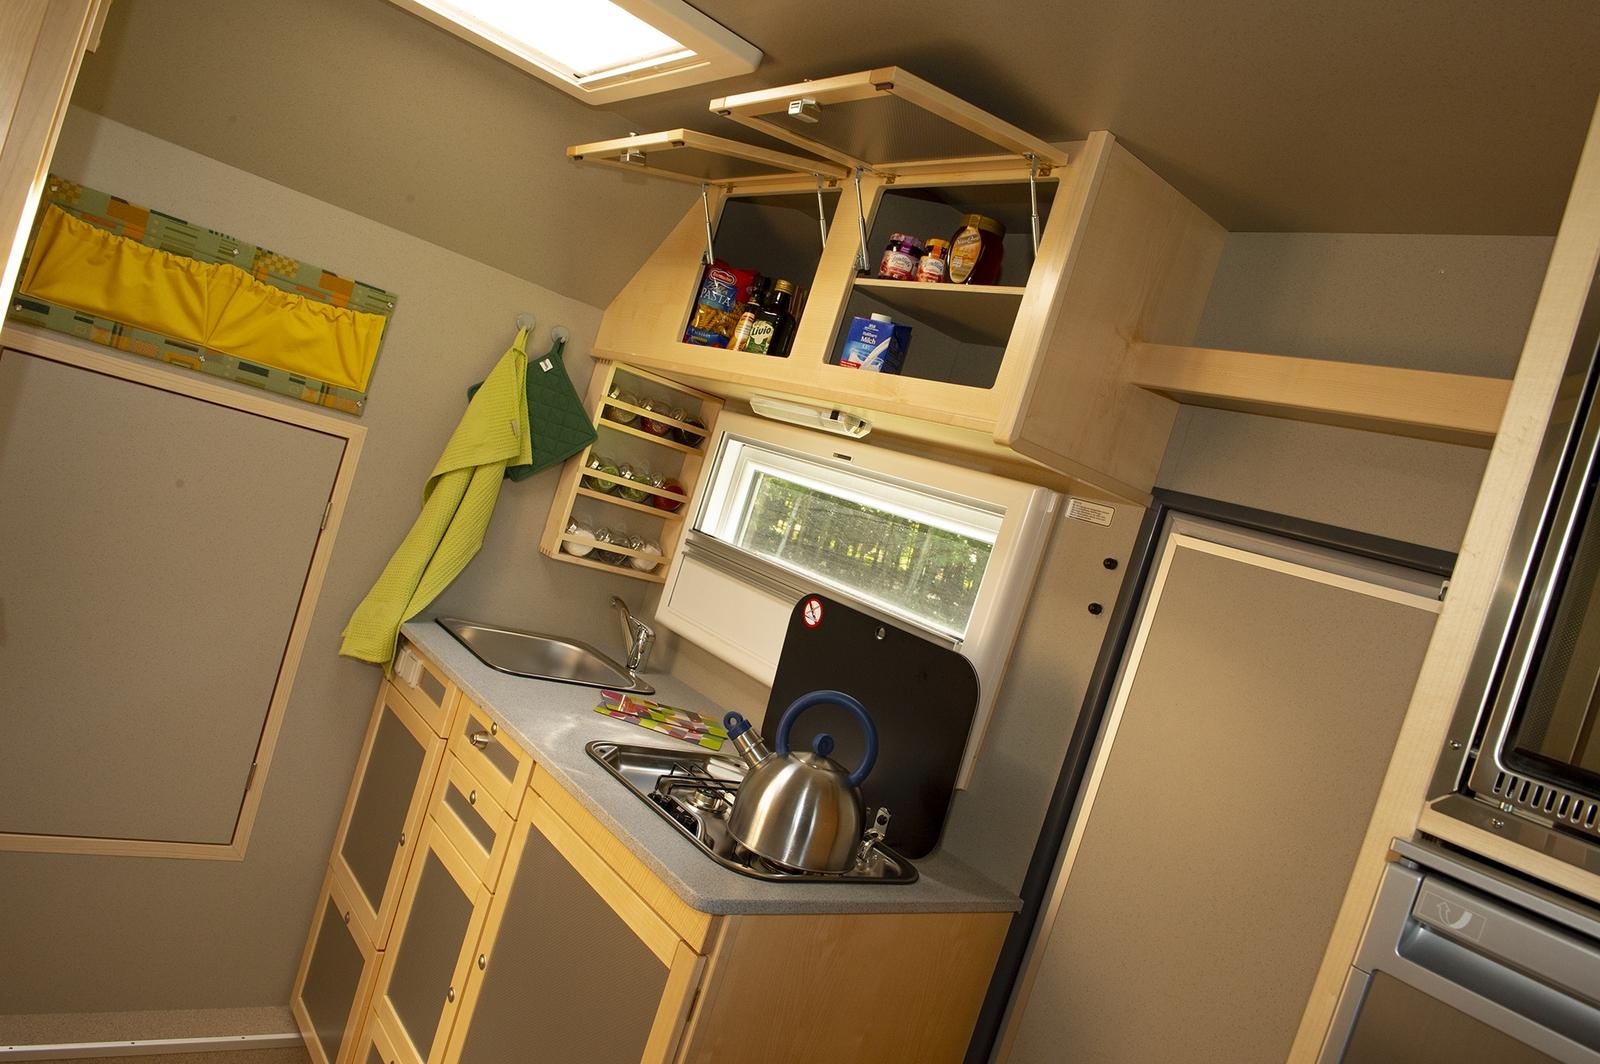 Die Küche lässt kaum Wünsche offen. Es gibt genug Platz für Töpfe, Pfannen, Geschirr, Besteck und Vorräte. Hier lassen sich auch komplette Mehrgänge-Menüs zubereiten.